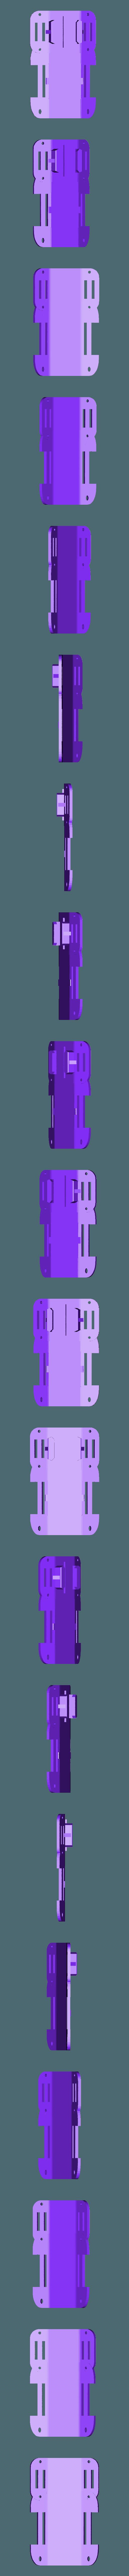 GoProHD_mount-longer.stl Download free 3MF file GoPro Wrist Mount for Scuba Diving • 3D print design, JakG